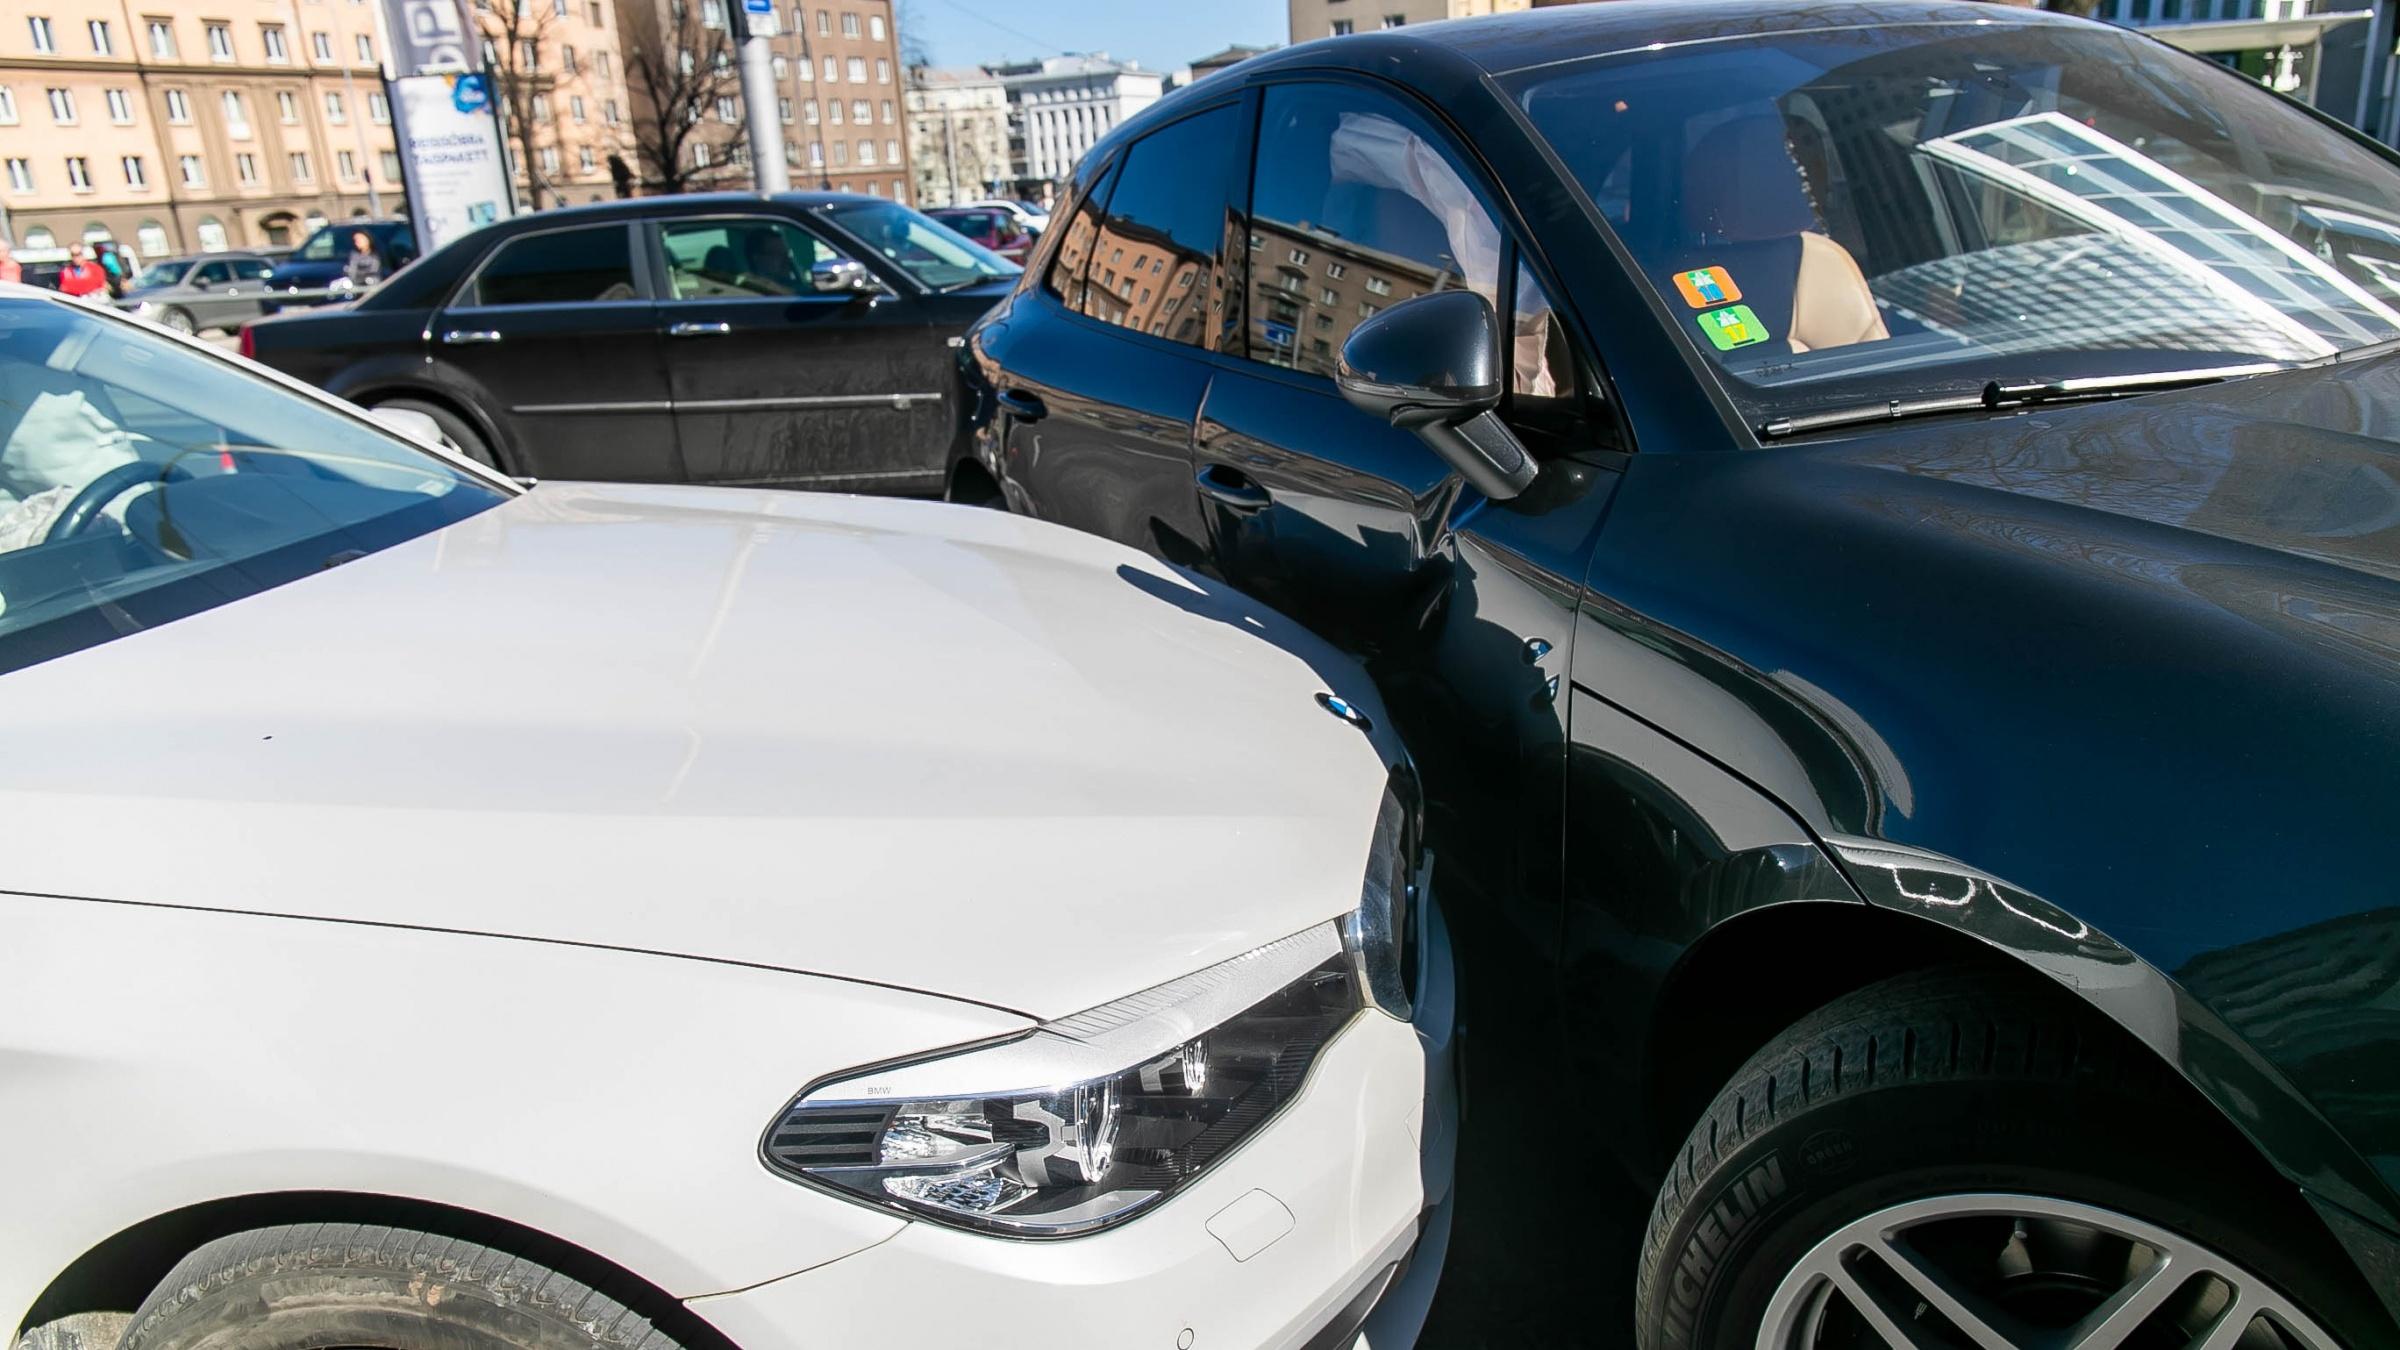 Tasub teada: Kuidas avariist kindlustuse jaoks õigesti pilte teha?